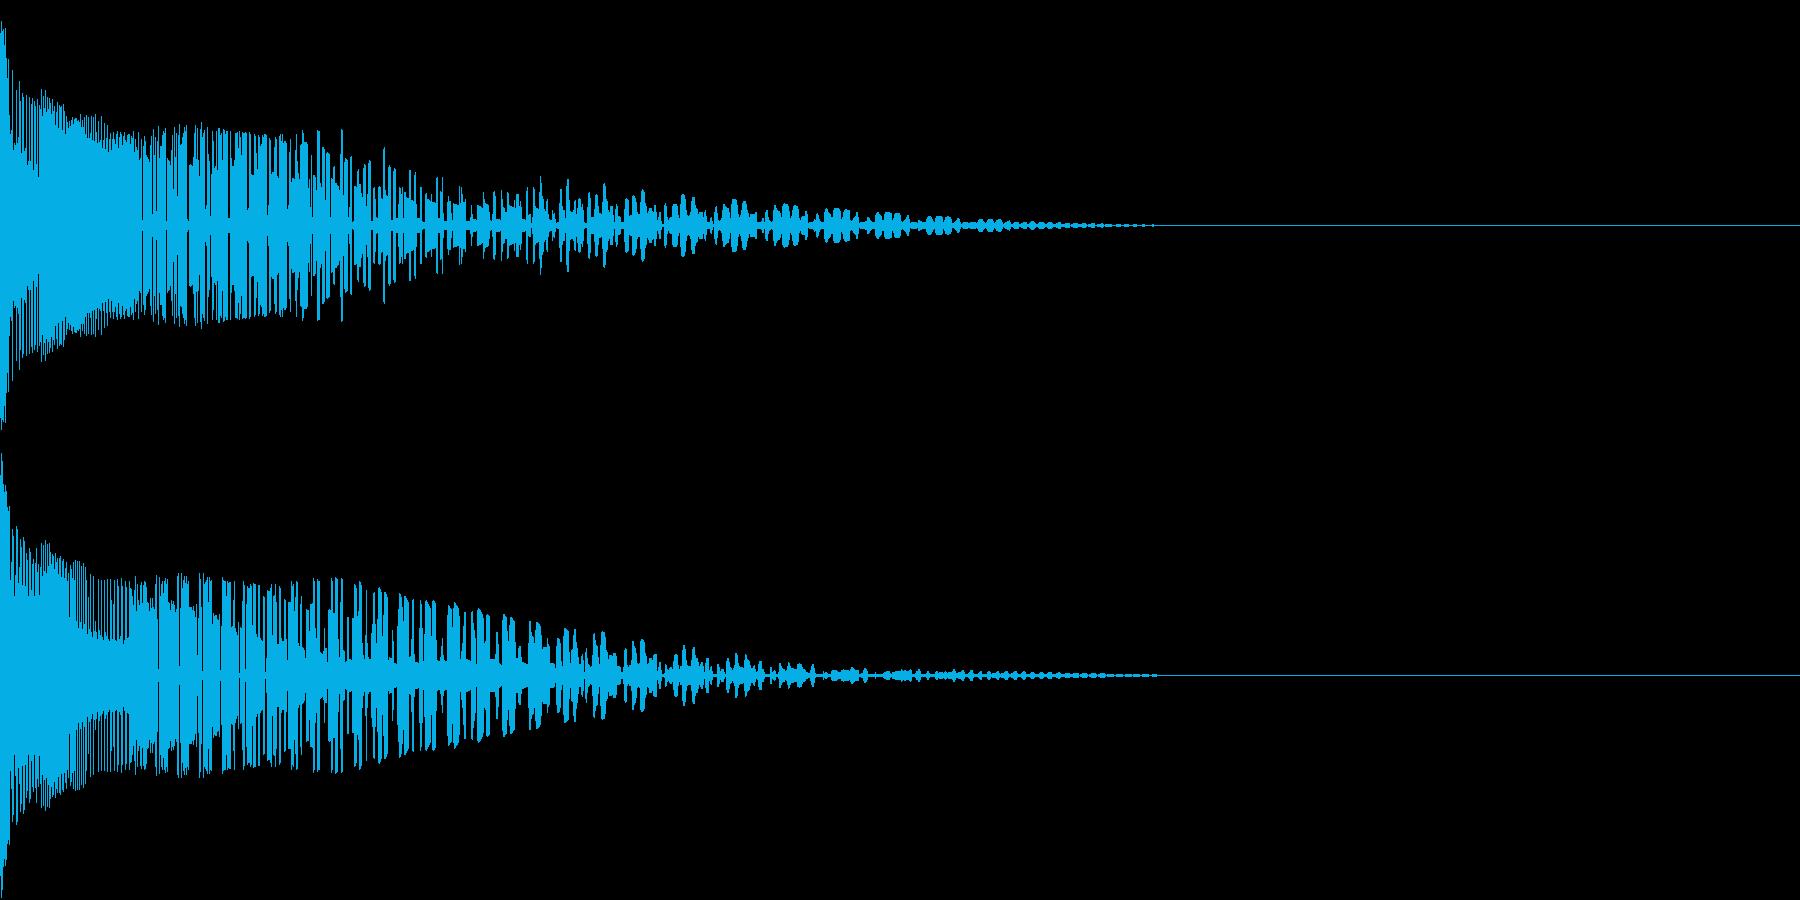 Henteko 可愛いクラッシュ音 6の再生済みの波形